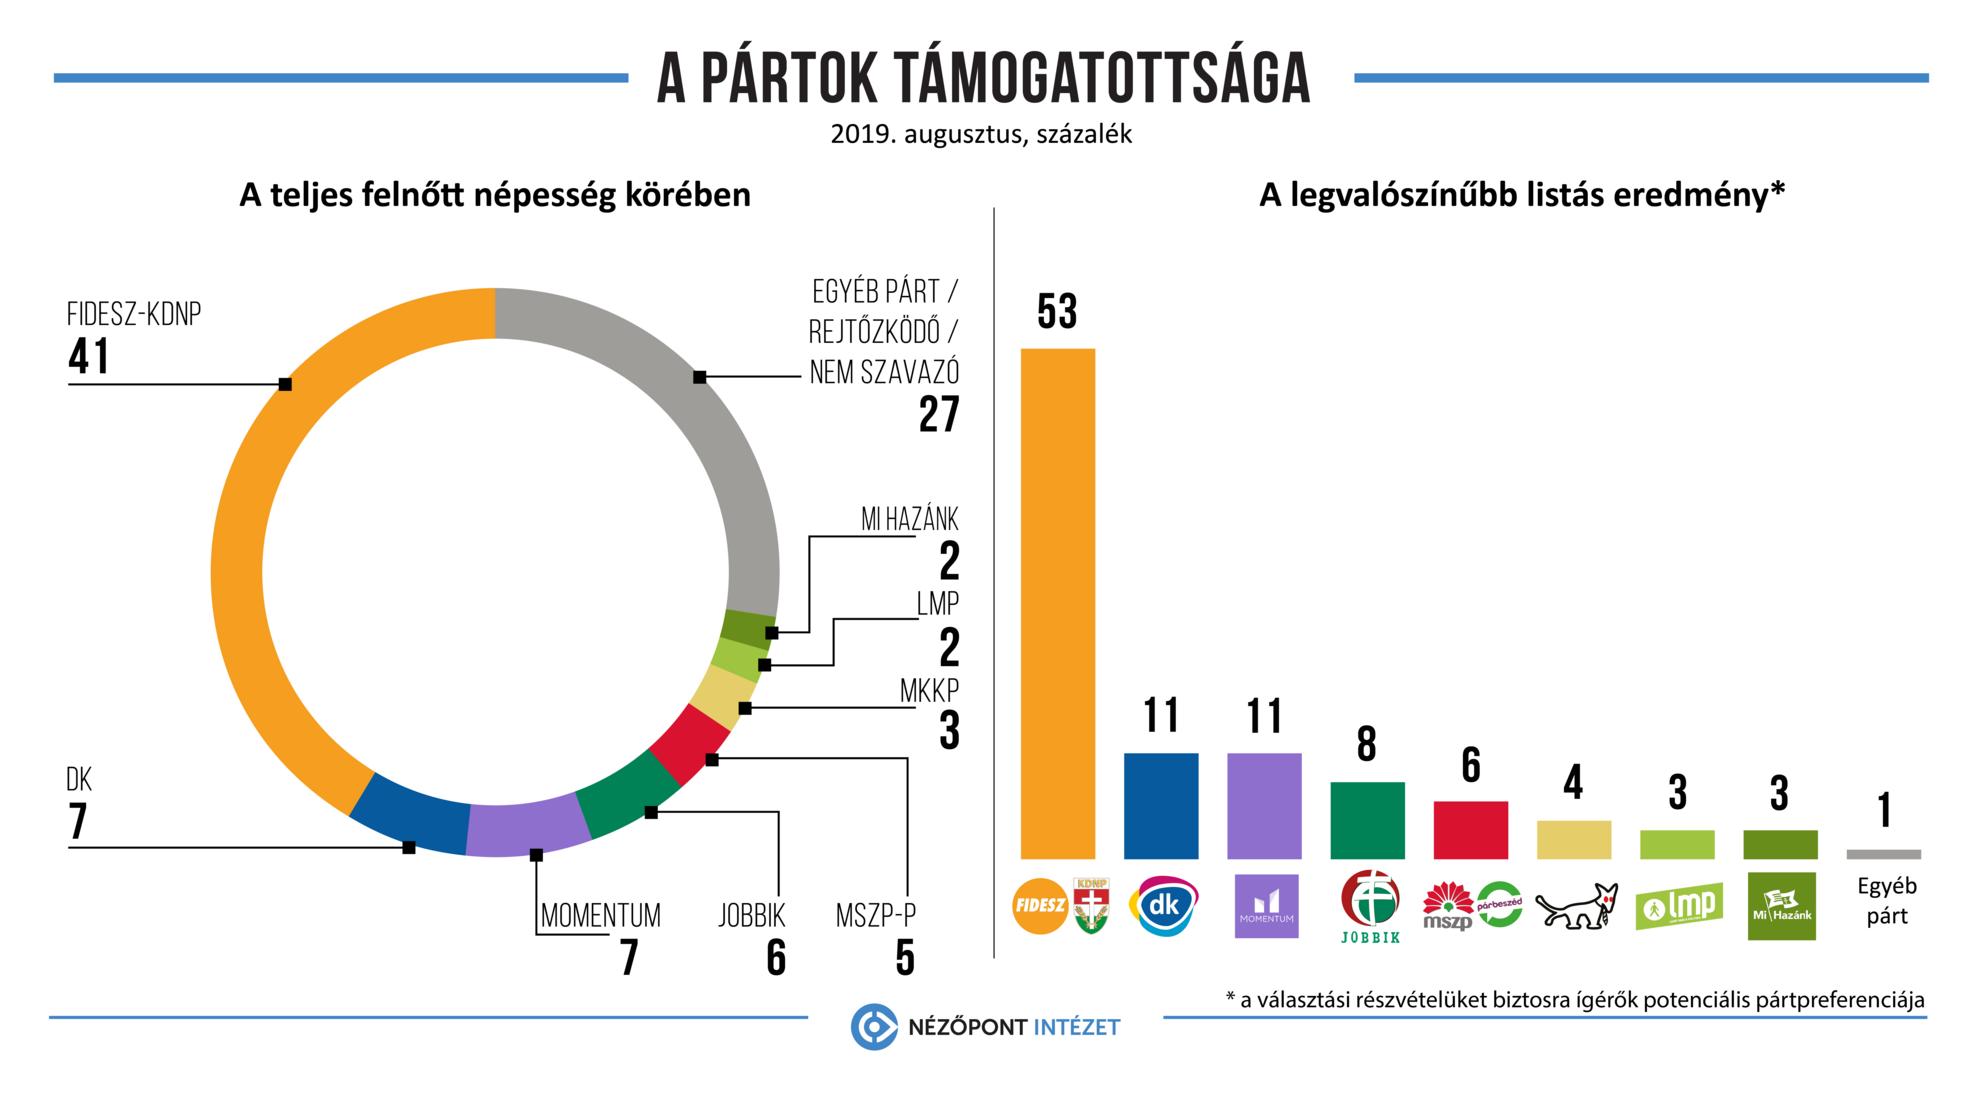 A pártok támogatottsága 2019 augusztusában